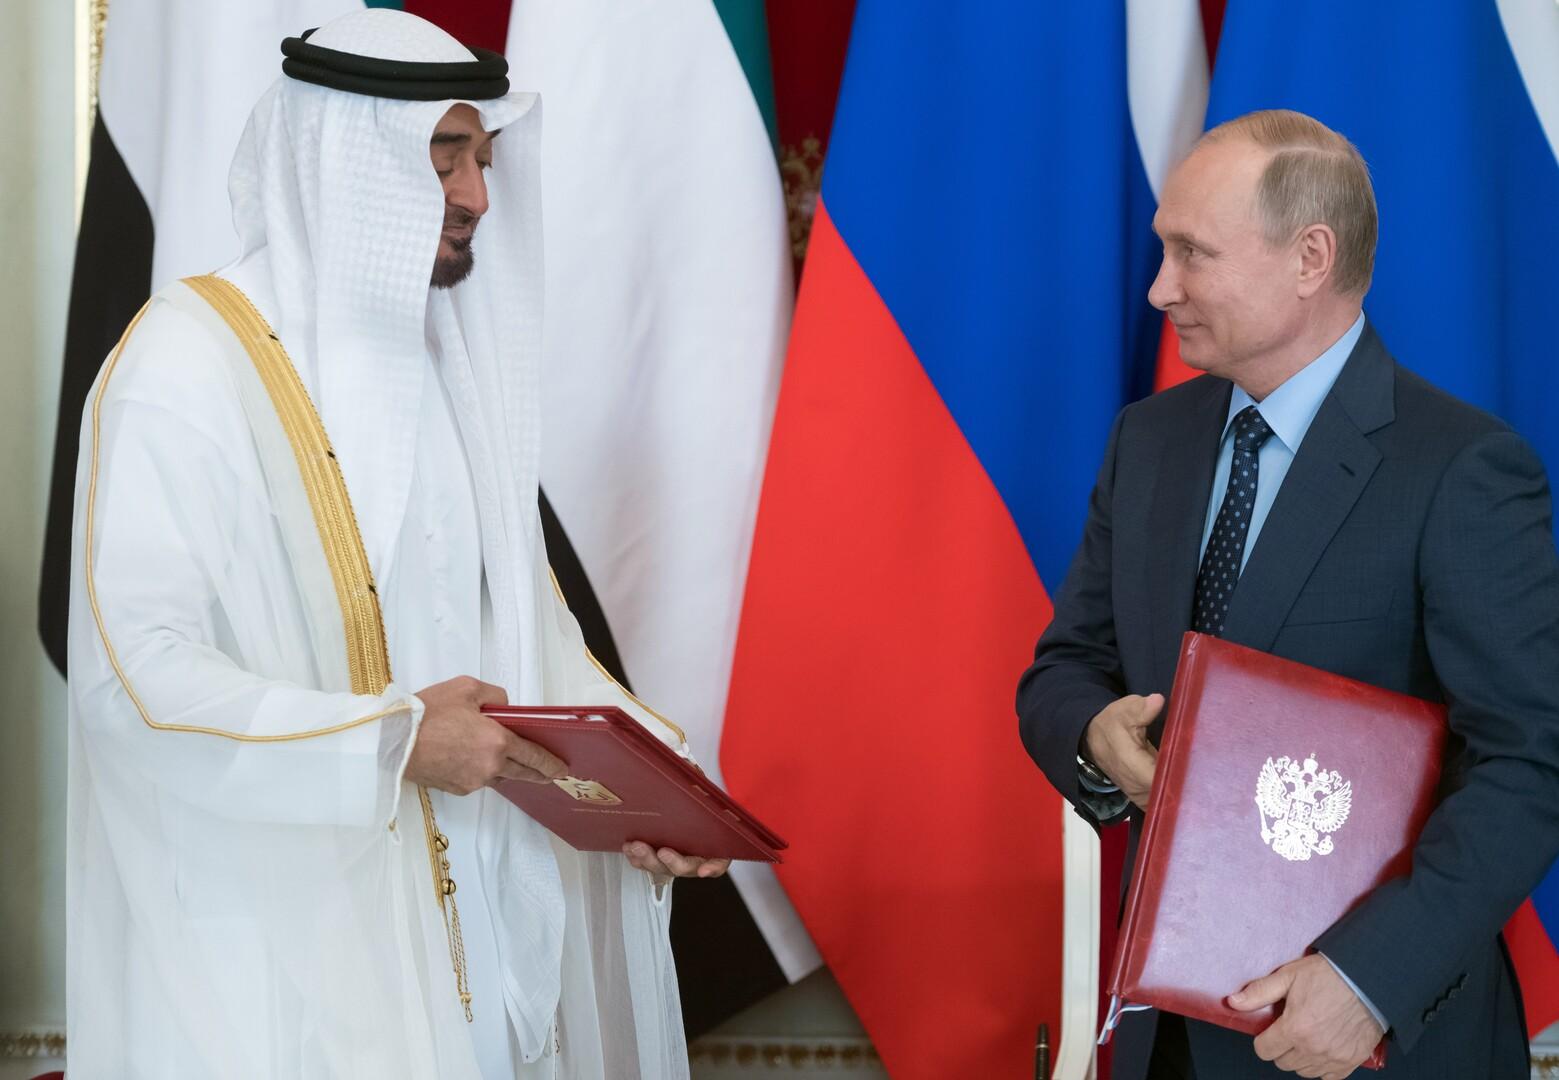 من الأرشيف - الرئيس الروسي فلاديمير بوتين وولي عهد أبوظبي محمد بن زايد